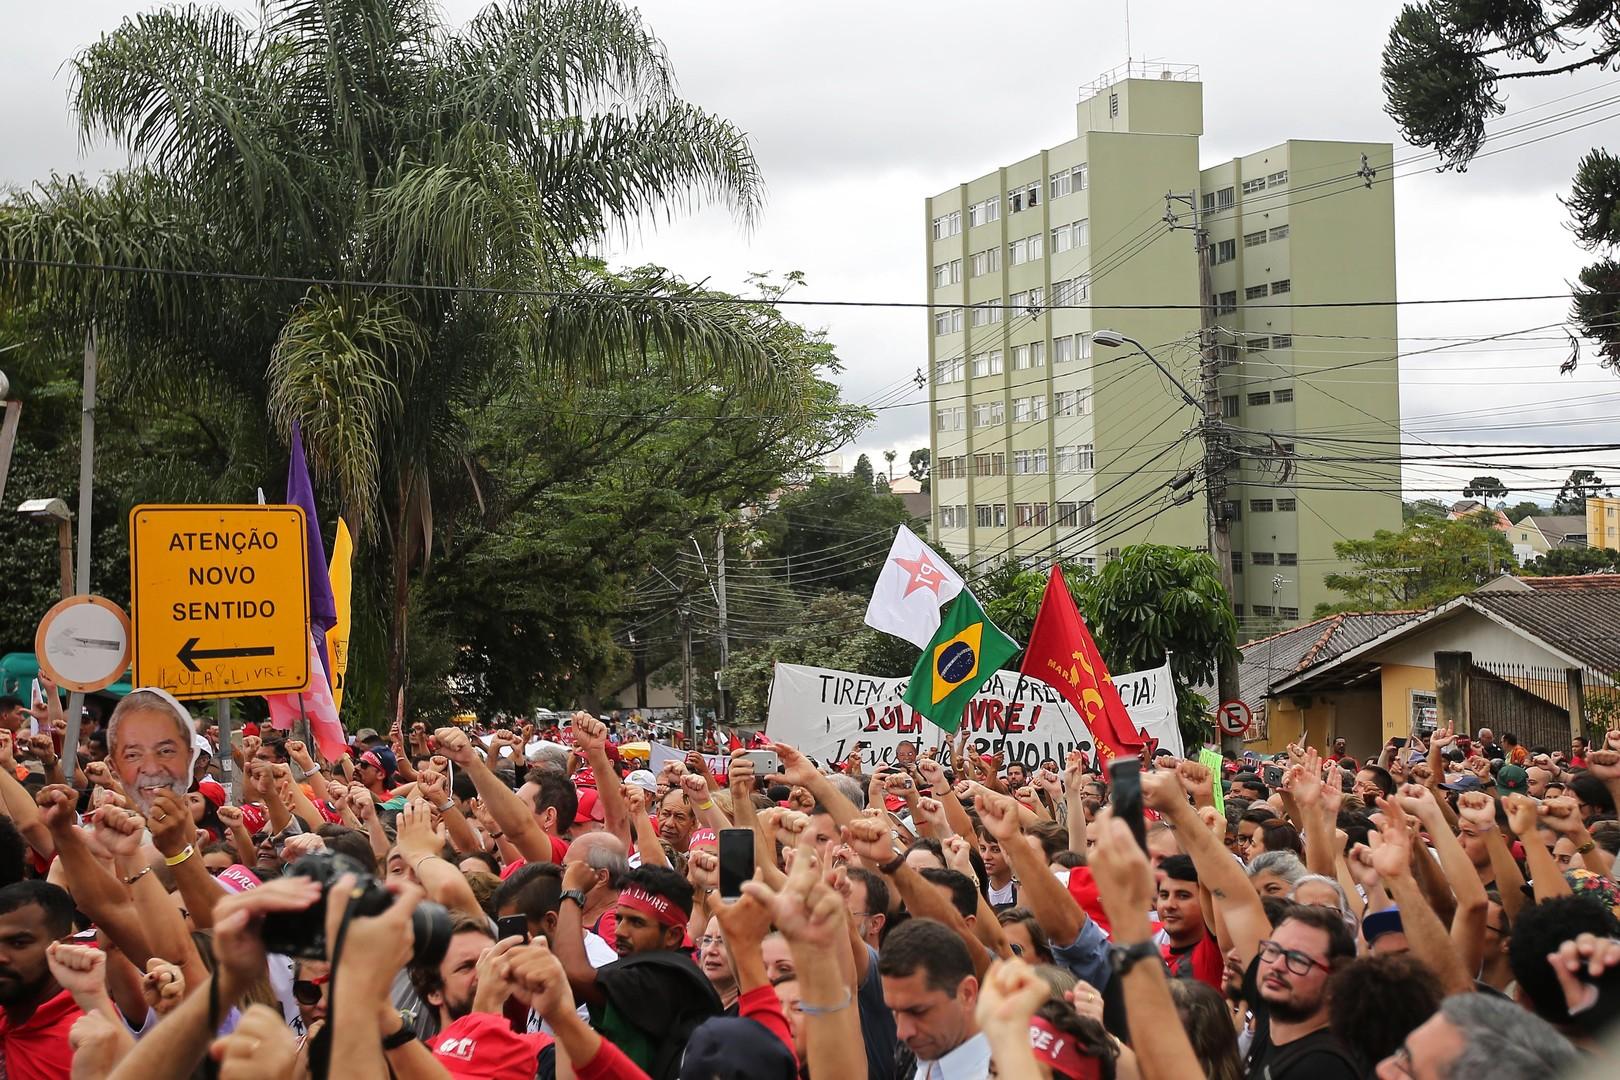 Brésil : des milliers de manifestants exigent la libération de l'ancien président Lula (IMAGES)